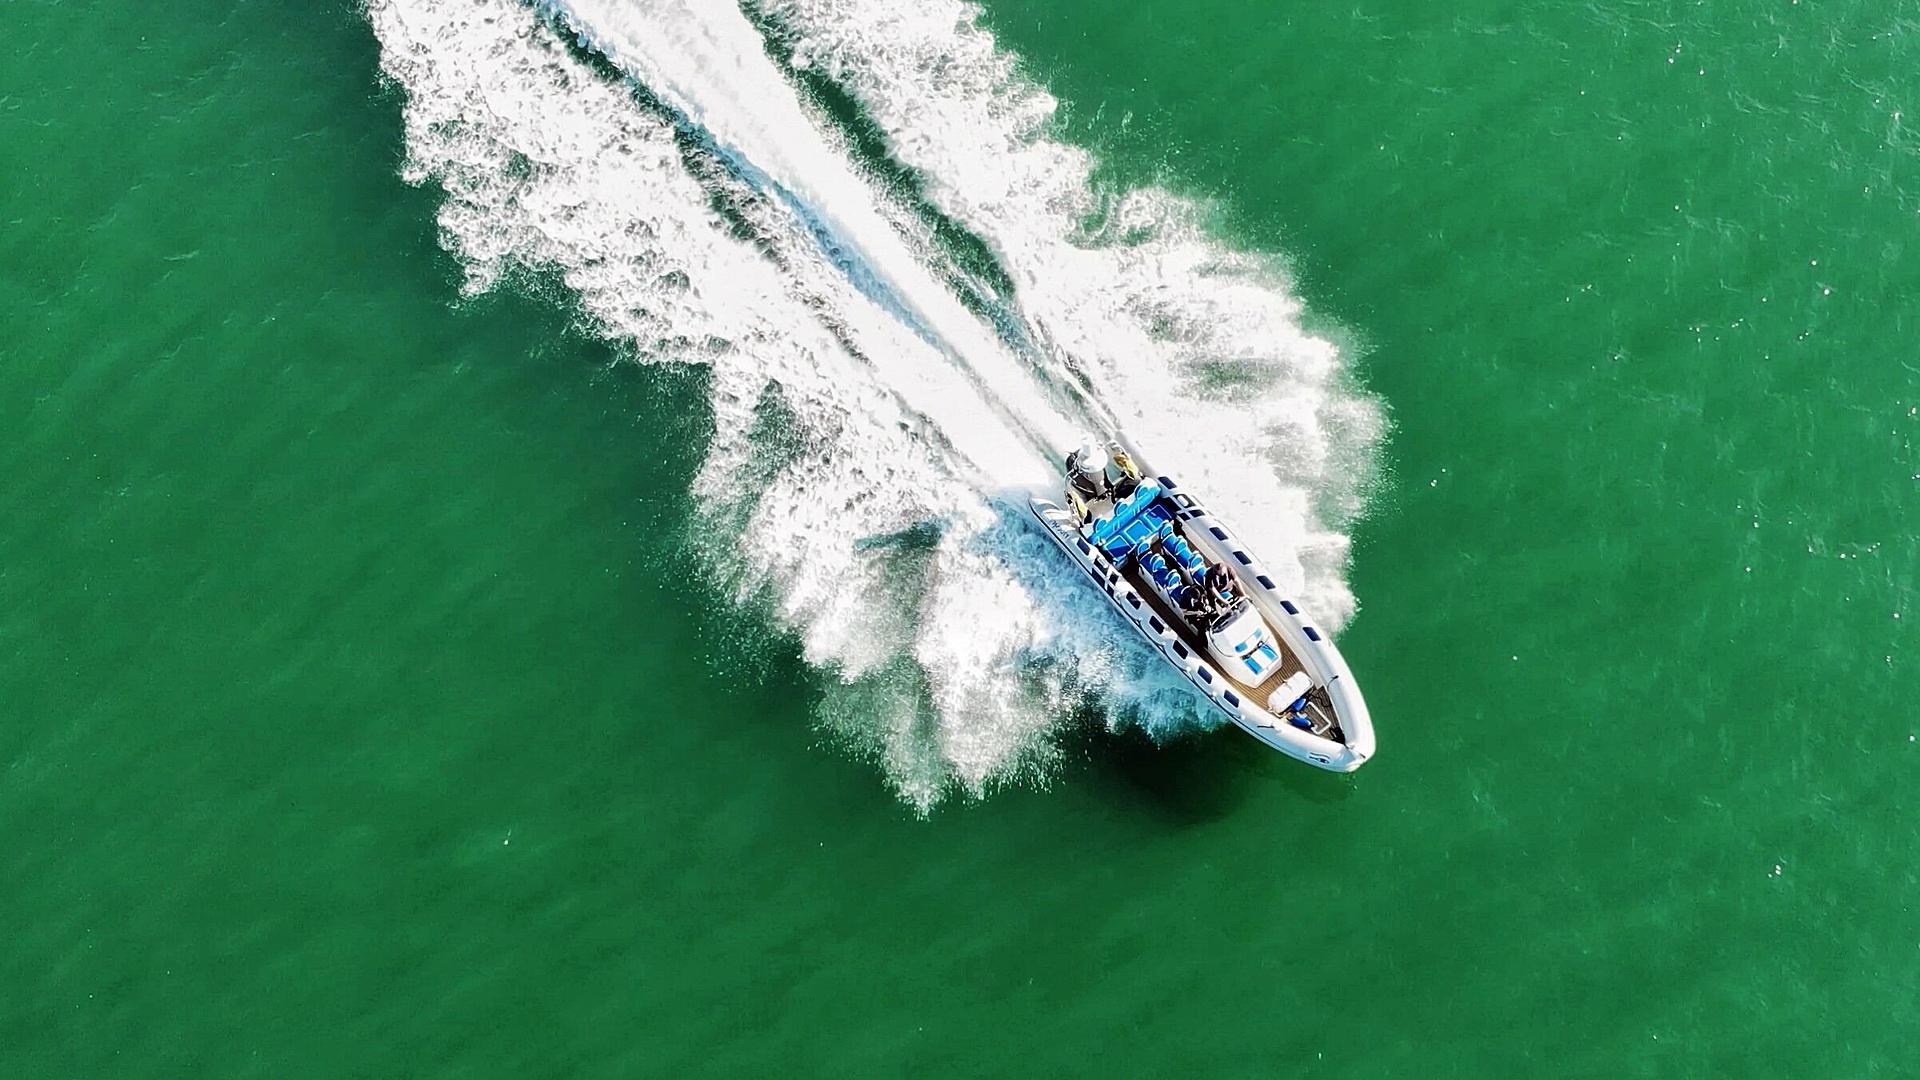 Seit Jahren schießen an der deutschen Ostseeküste touristische Speedboot-Angebote wie Pilze aus dem Boden.